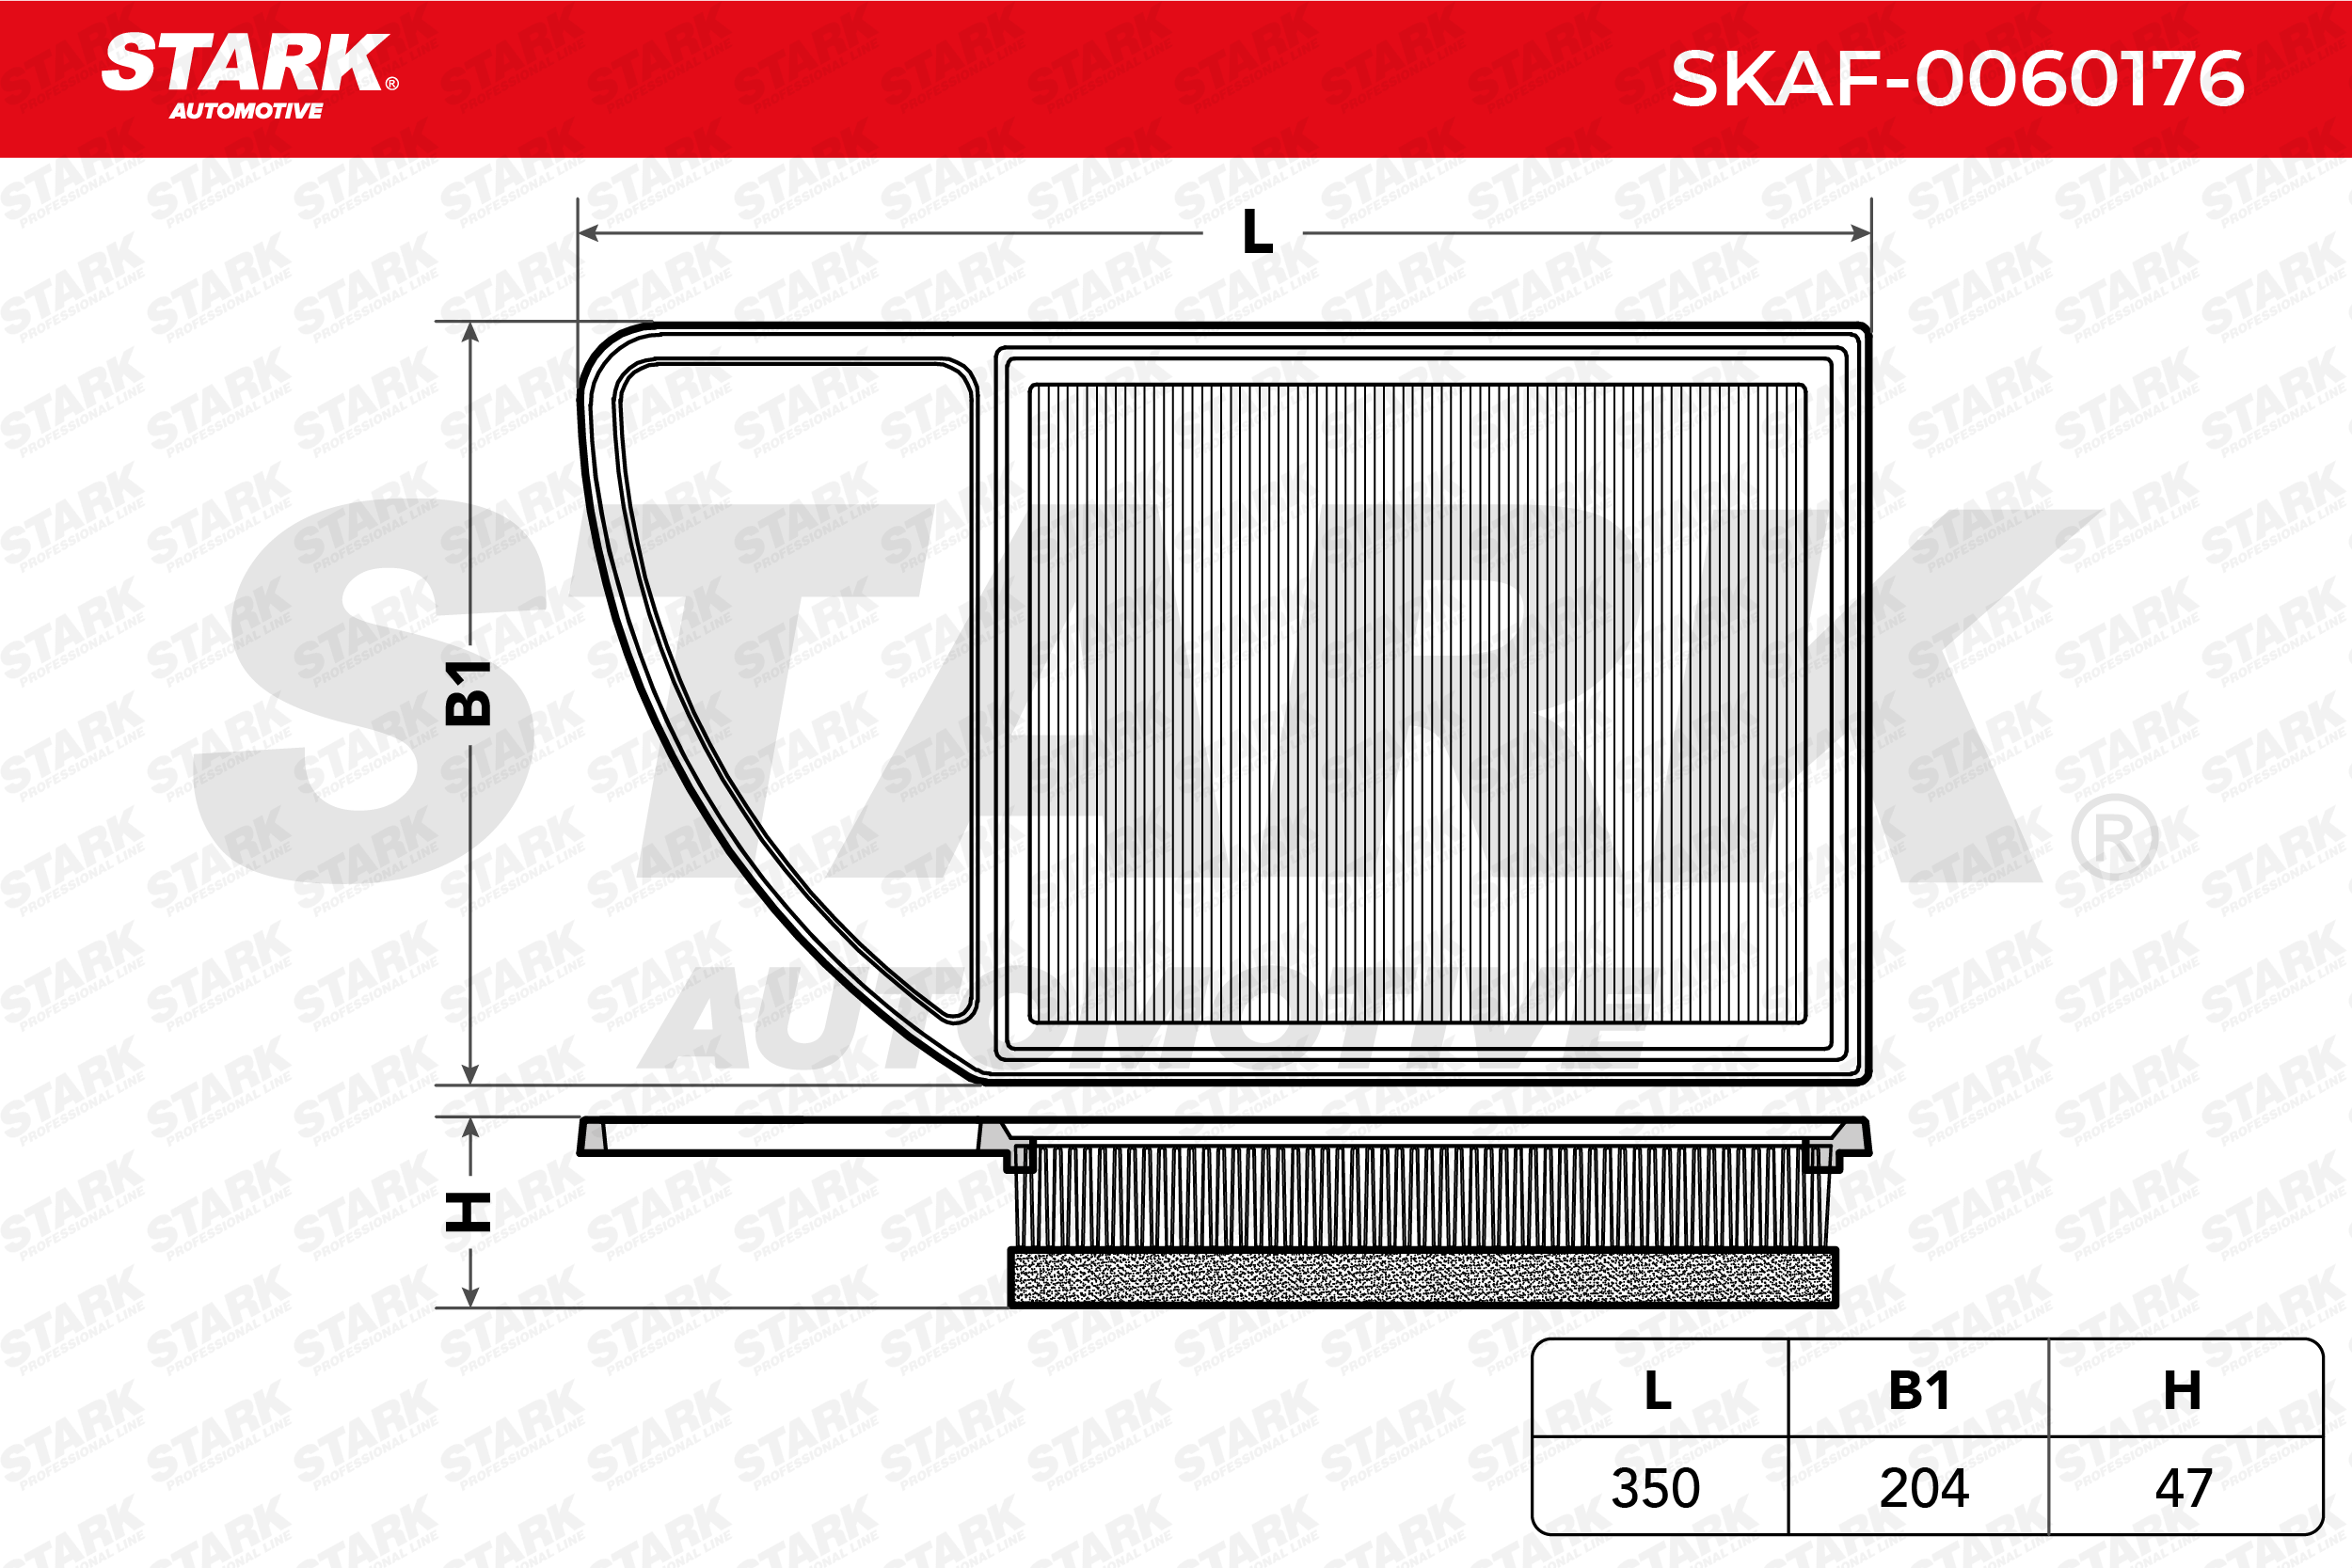 Zracni filter SKAF-0060176 STARK - samo novi deli